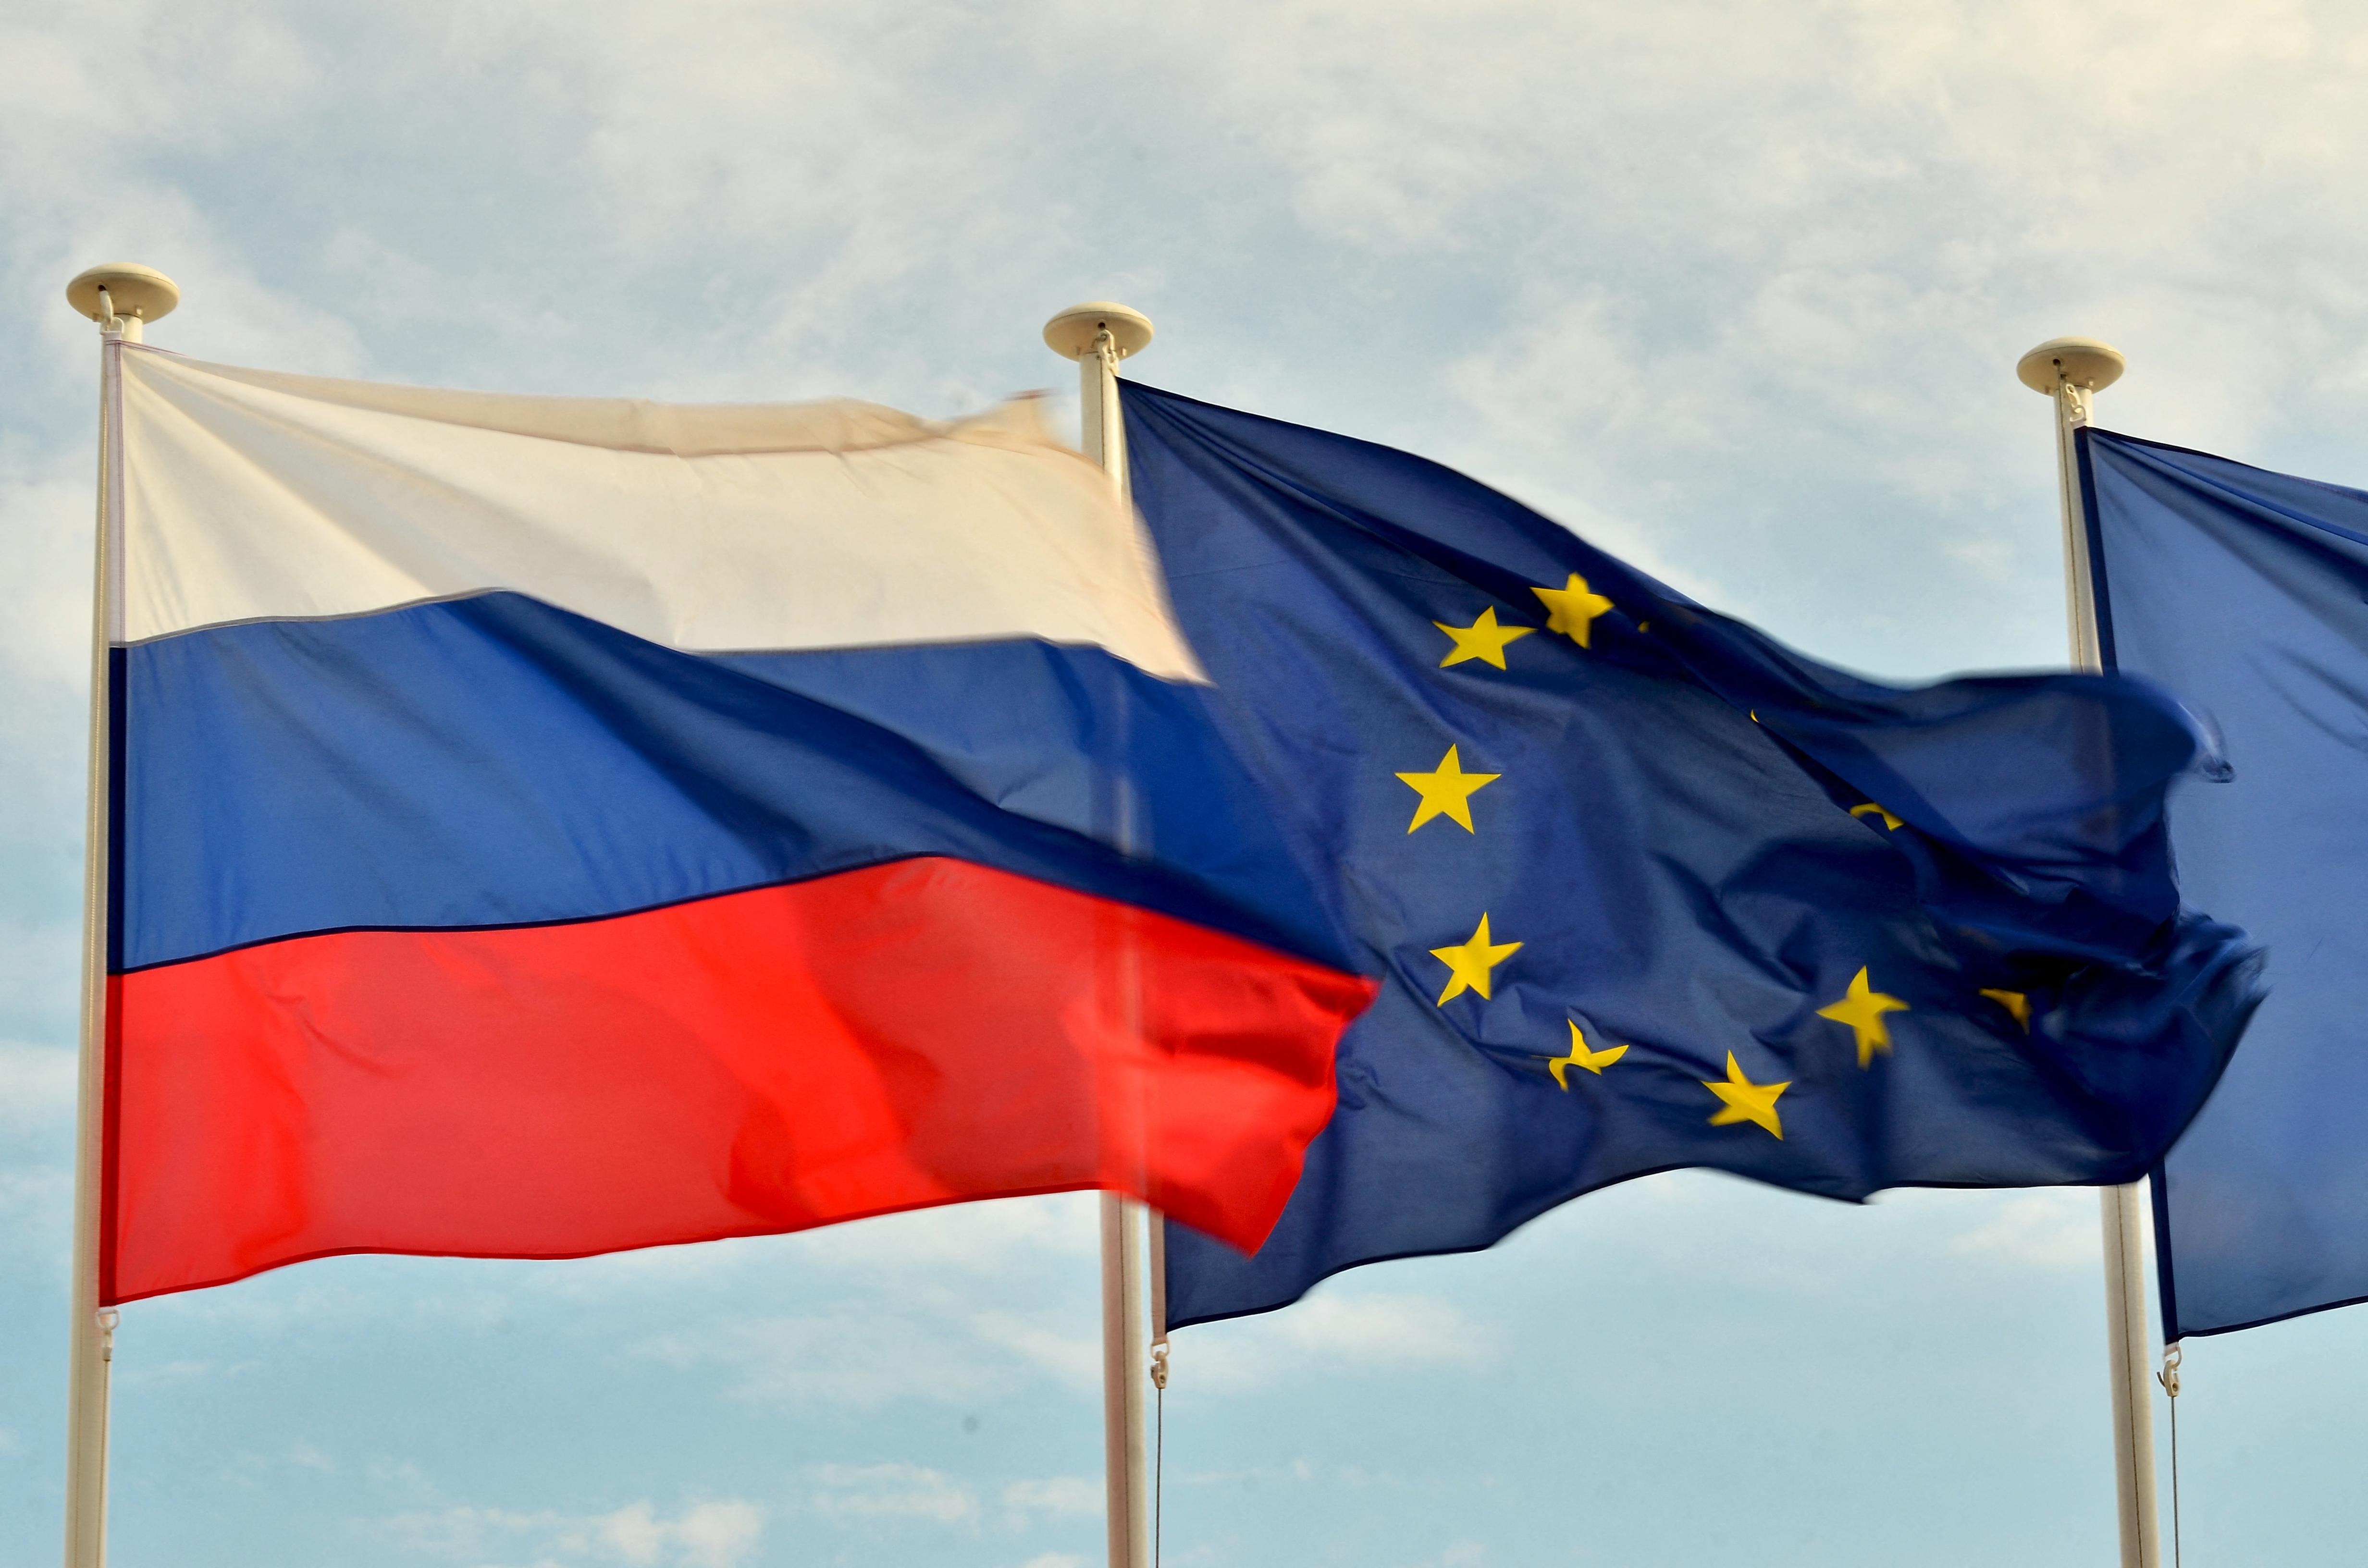 Az Európai Bizottság bekérette az orosz nagykövetet, miután Oroszország EU-s politikusokat tett feketelistára